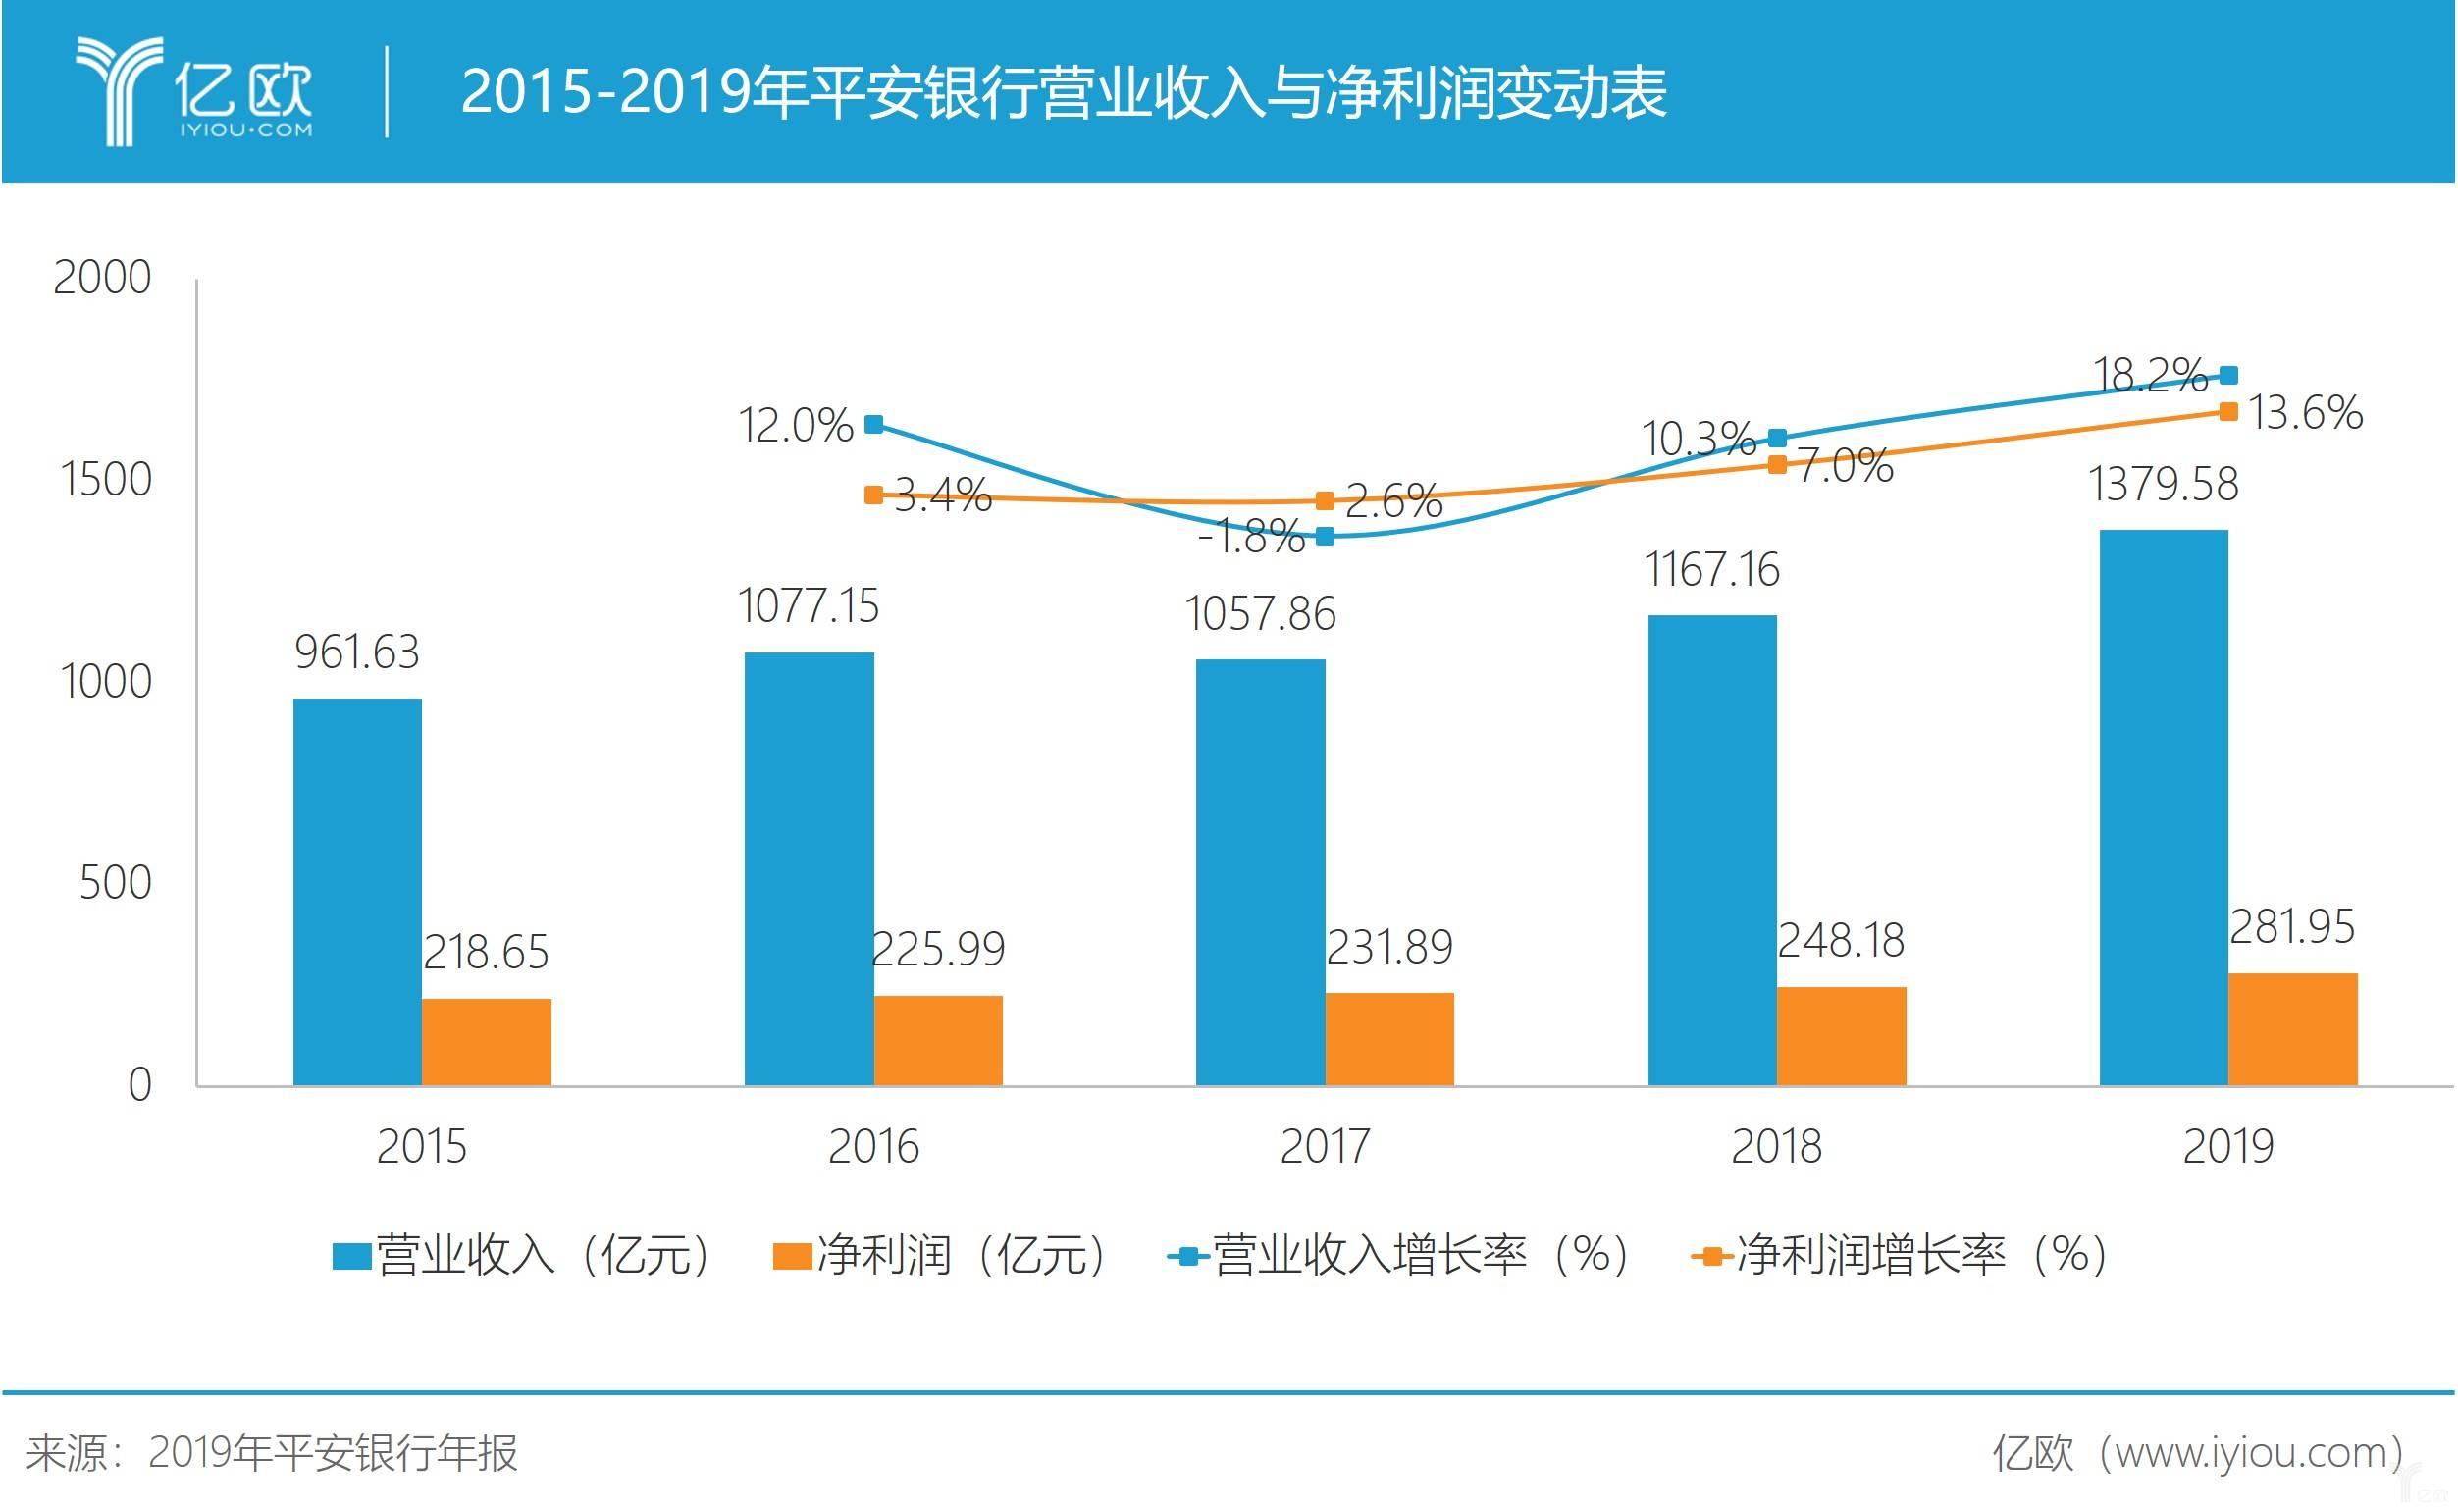 2015-2019年平安银行营业收入与净利润变动表